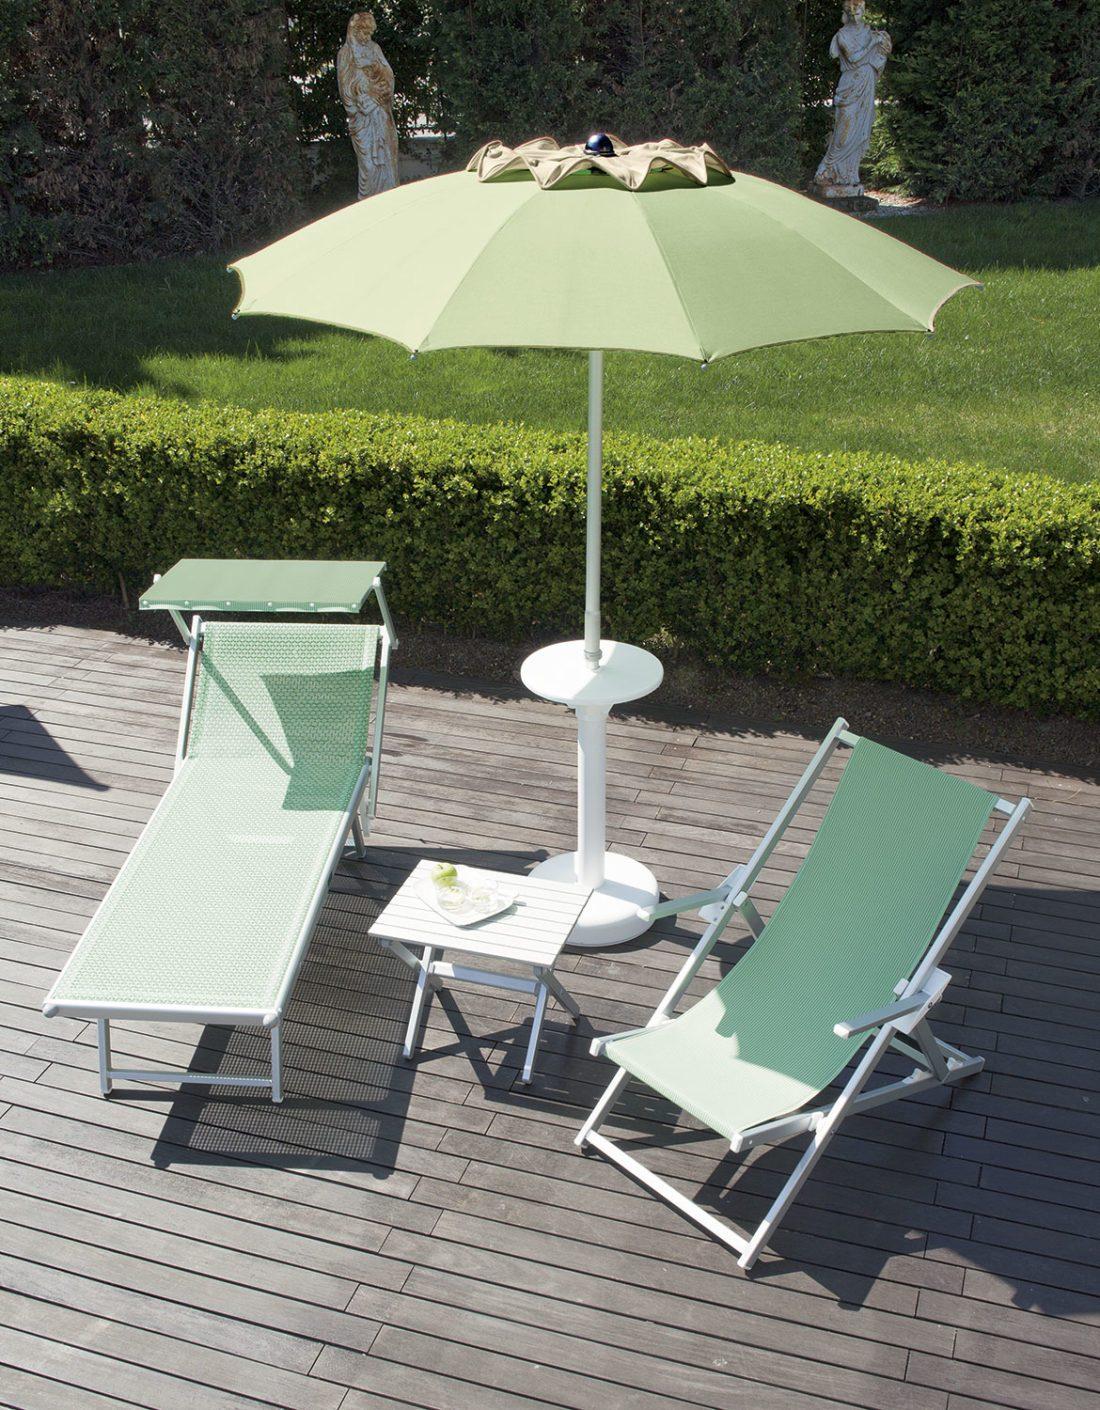 Ombrellone classico soffietto - Tessitura Selva - arredi e attrezzatura da spiaggia e giardini